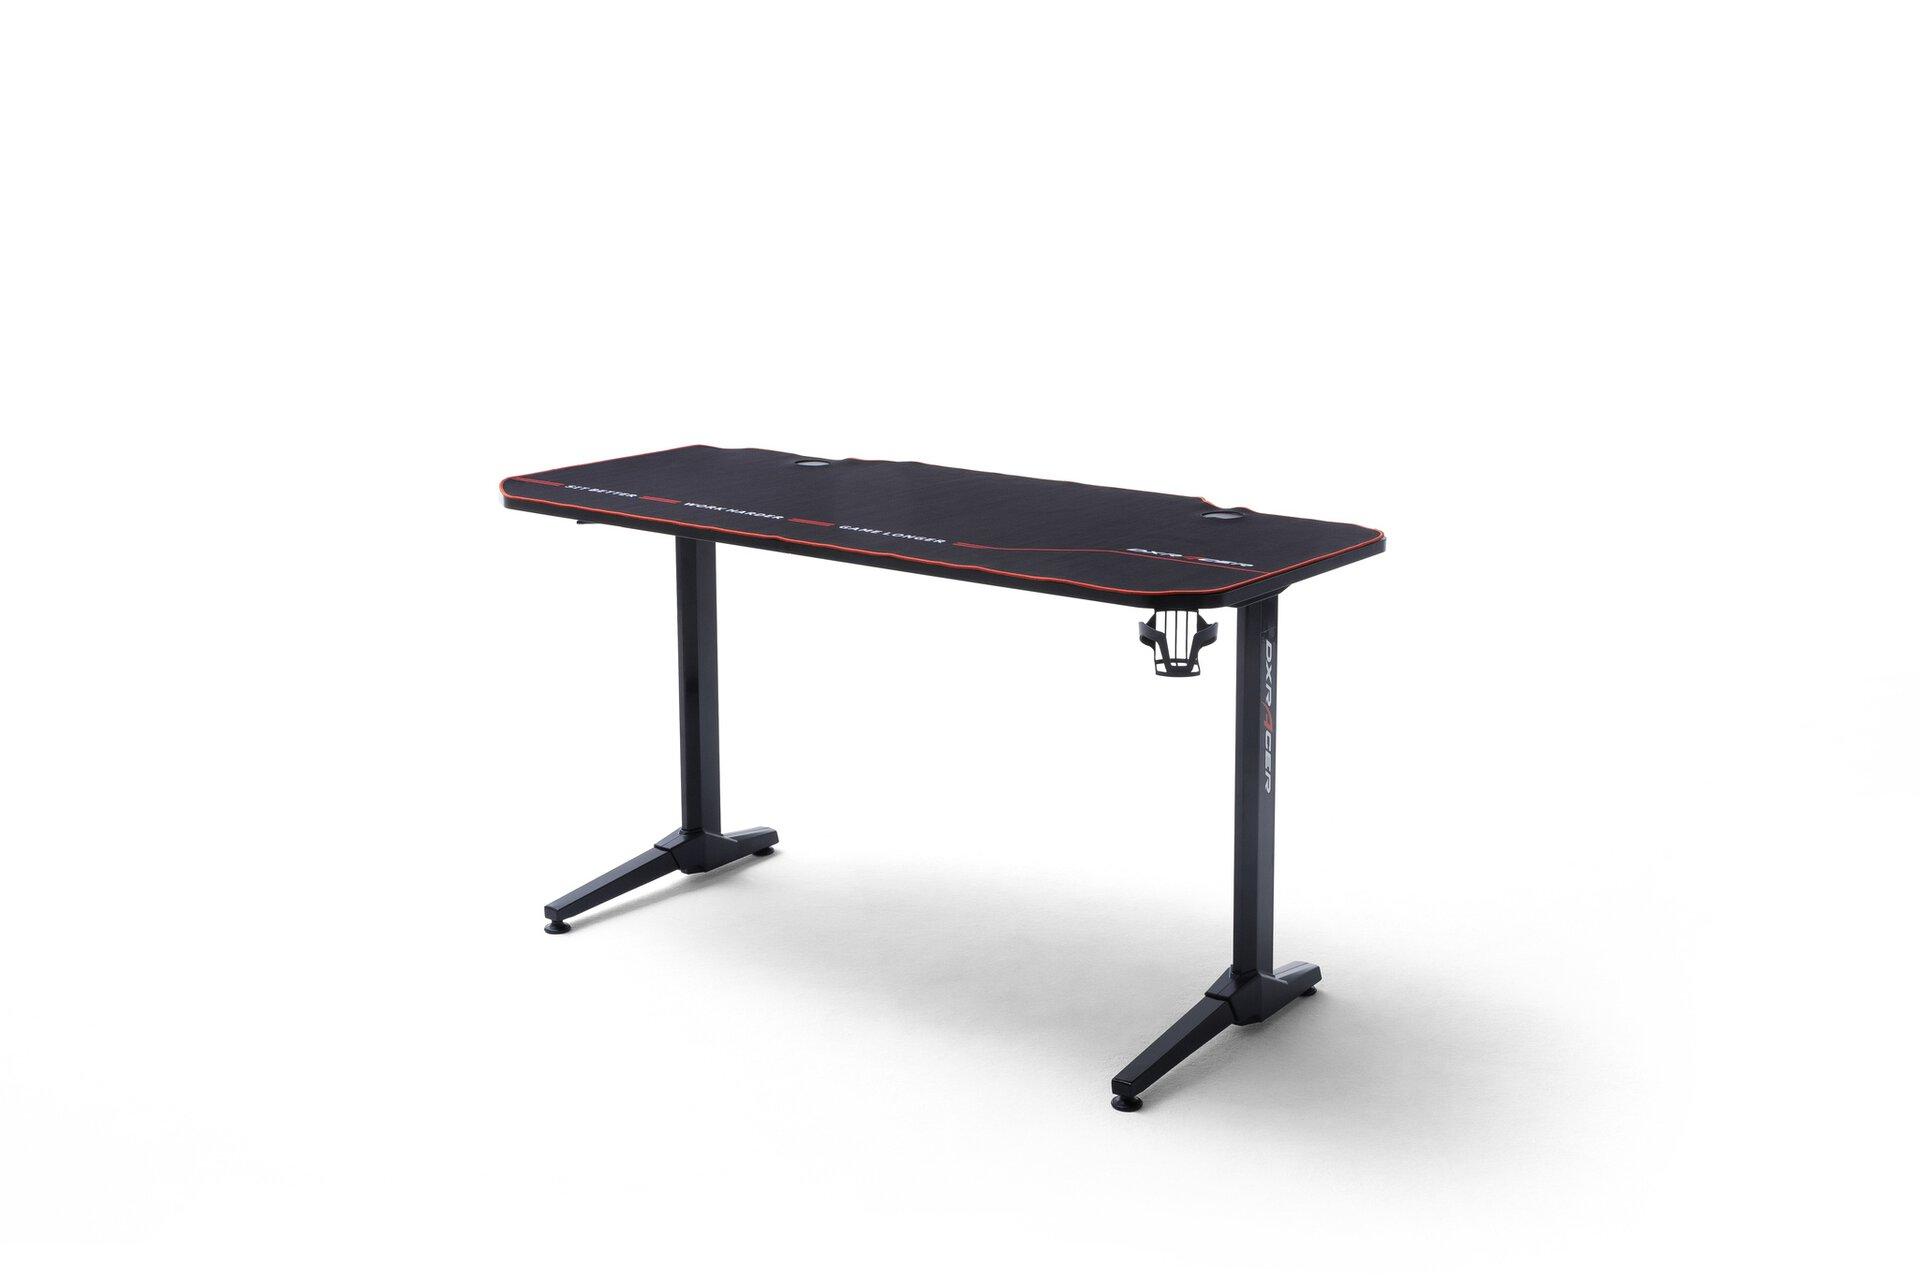 Schreibtisch DX-RACER-DESK MCA furniture Holzwerkstoff schwarz 66 x 75 x 140 cm